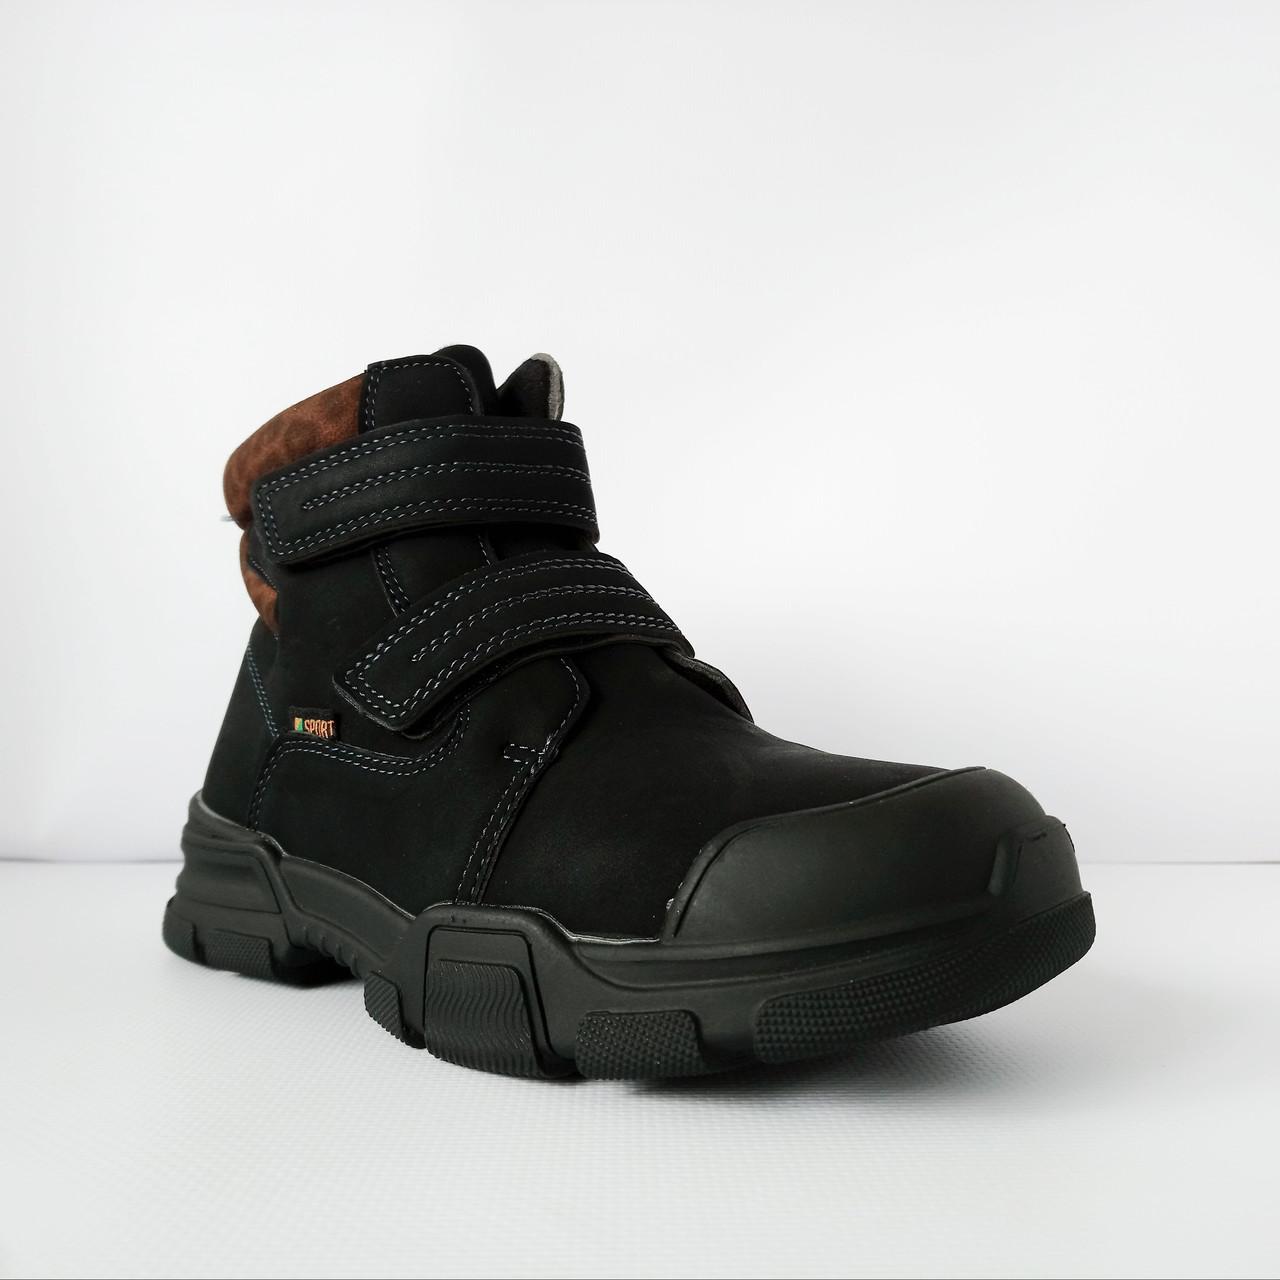 Теплые супер - ботинки для мальчиков, р. 32, 33, 34, 36. Демисезон.